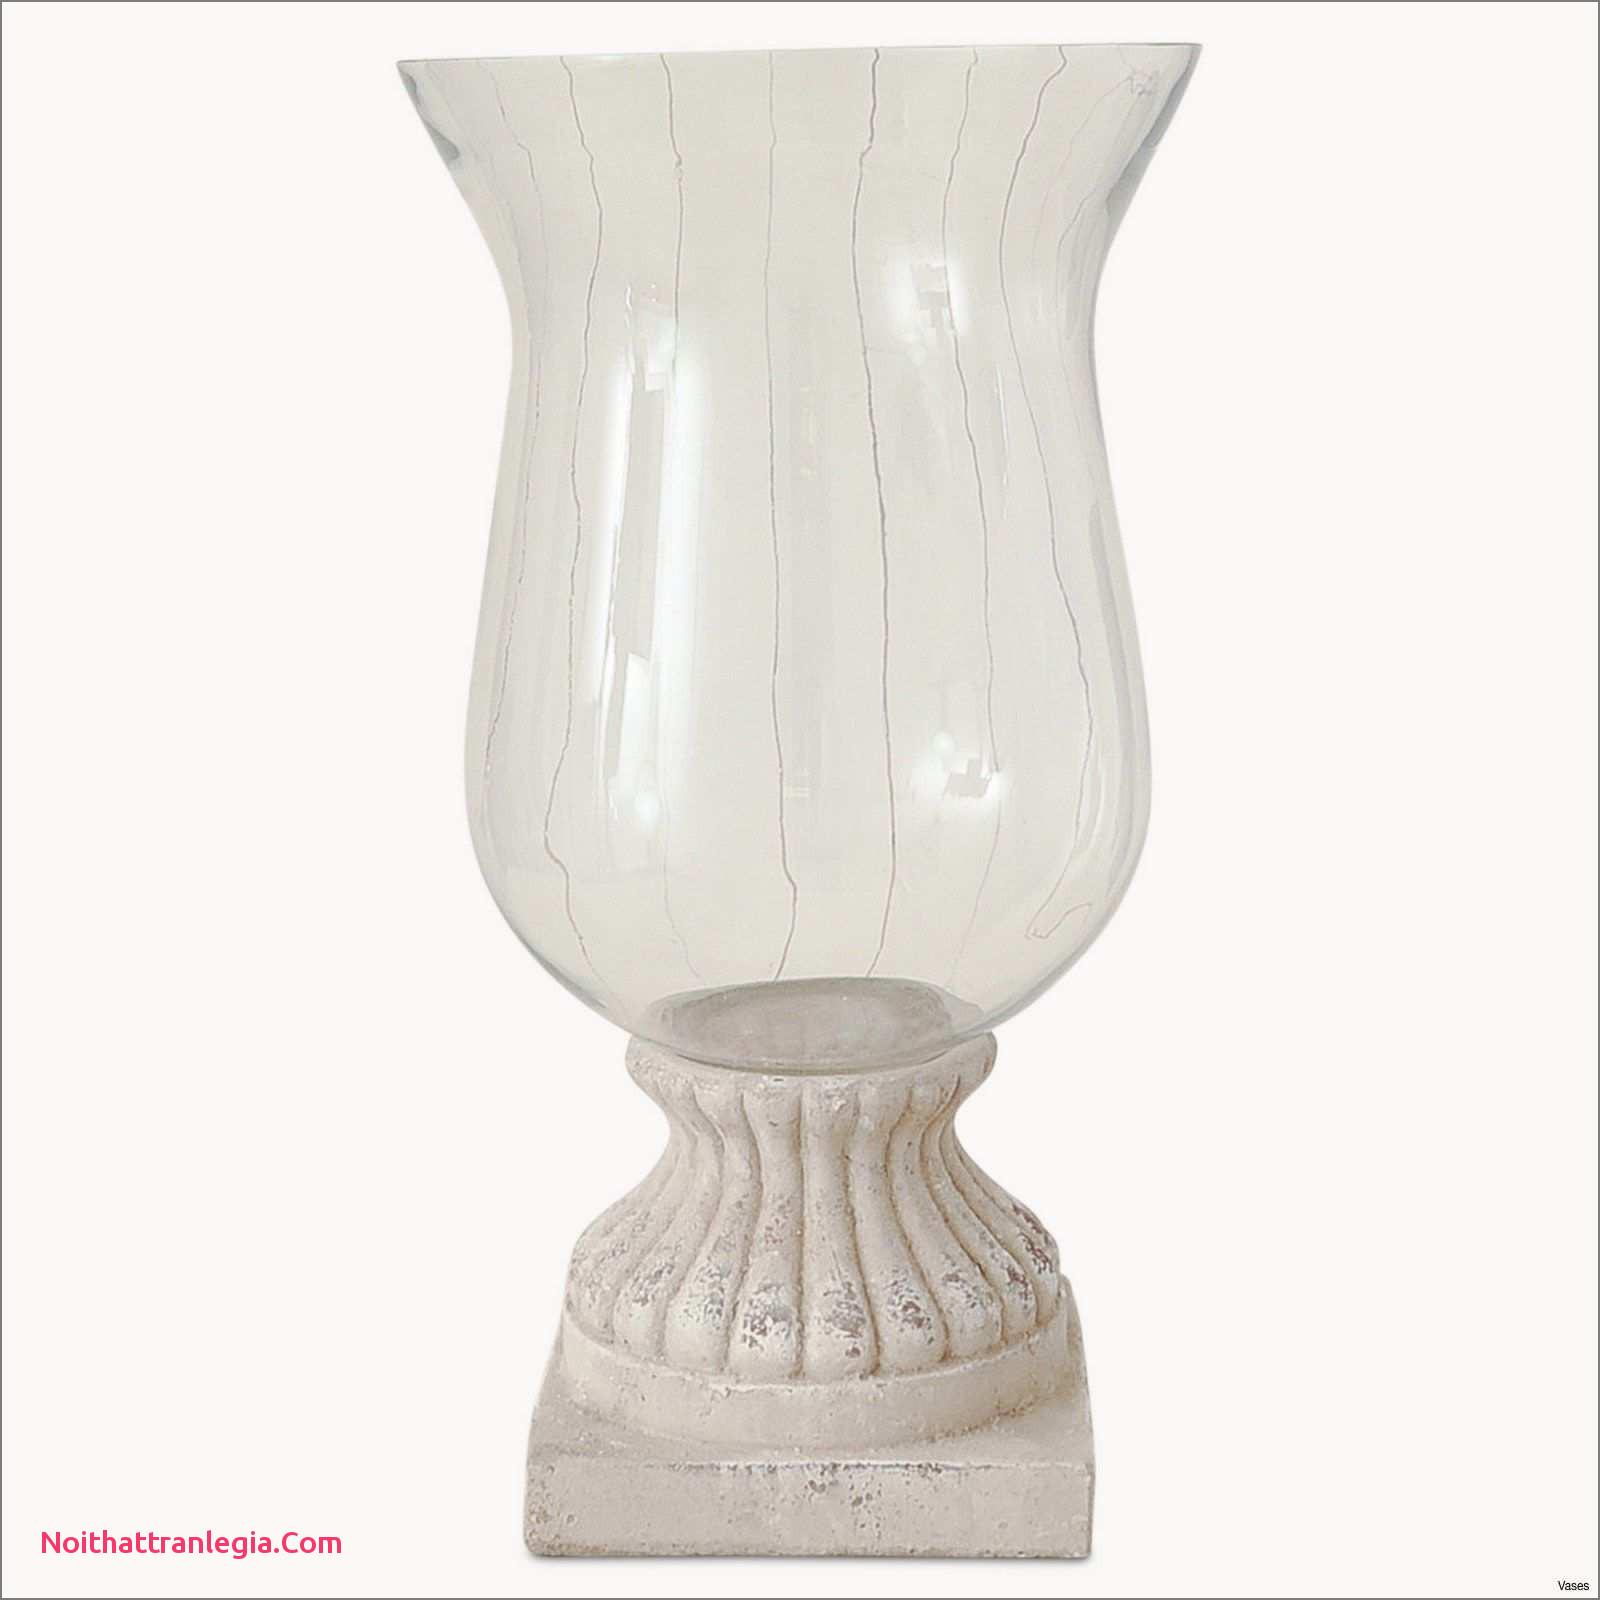 rose gold mercury vase of 20 how to make mercury glass vases noithattranlegia vases design regarding vase lighting base gallery gold table lamp base fresh how to make a table lamp 10h